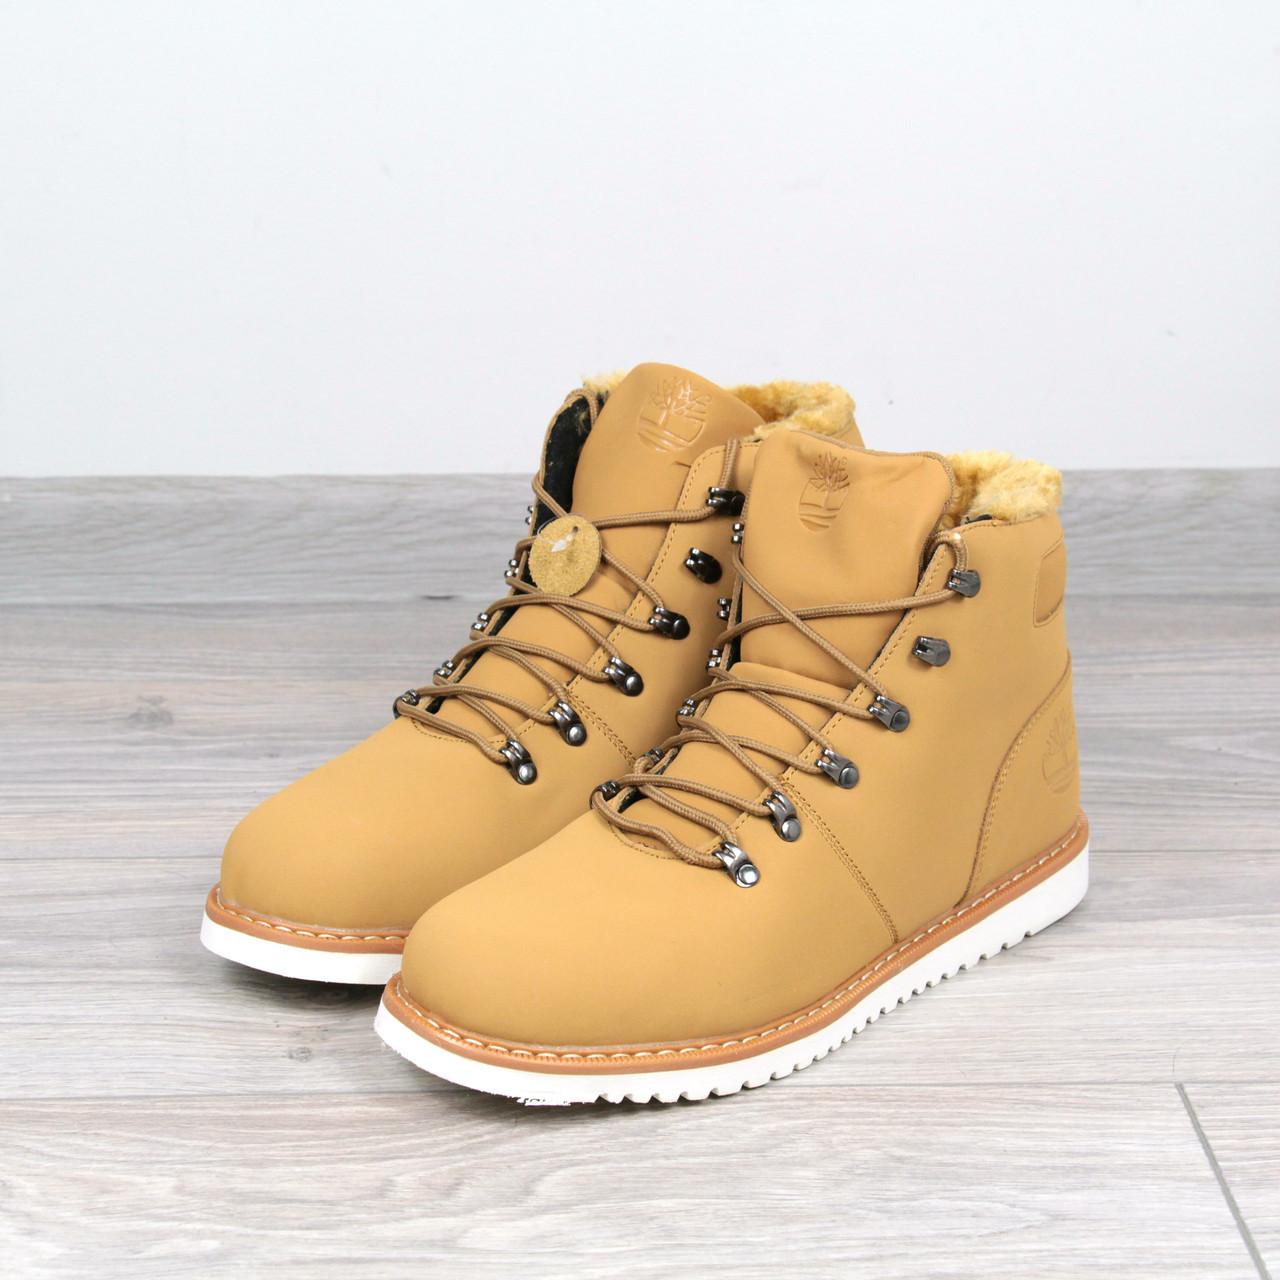 Ботинки Мужские зимние Tim рыжие мех, зимняя обувь